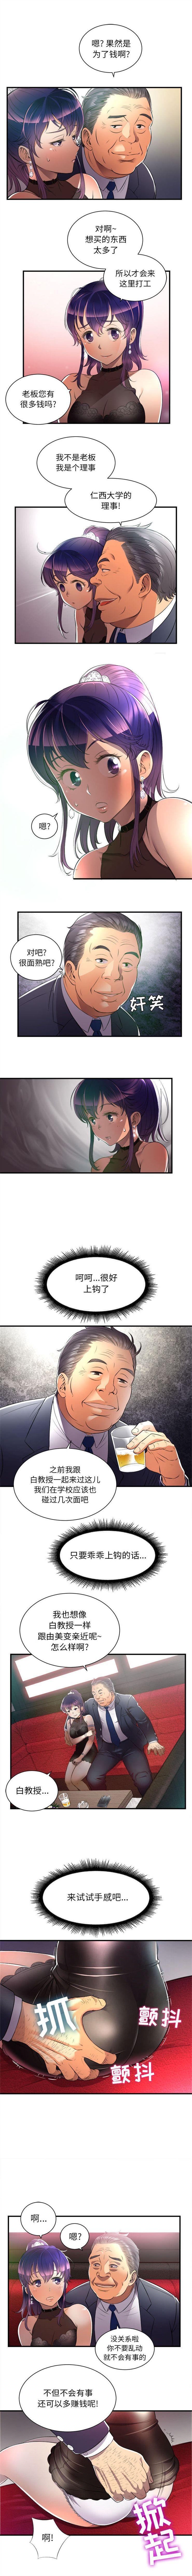 由莉的秘密1-60 中文翻译 (更新中) 78